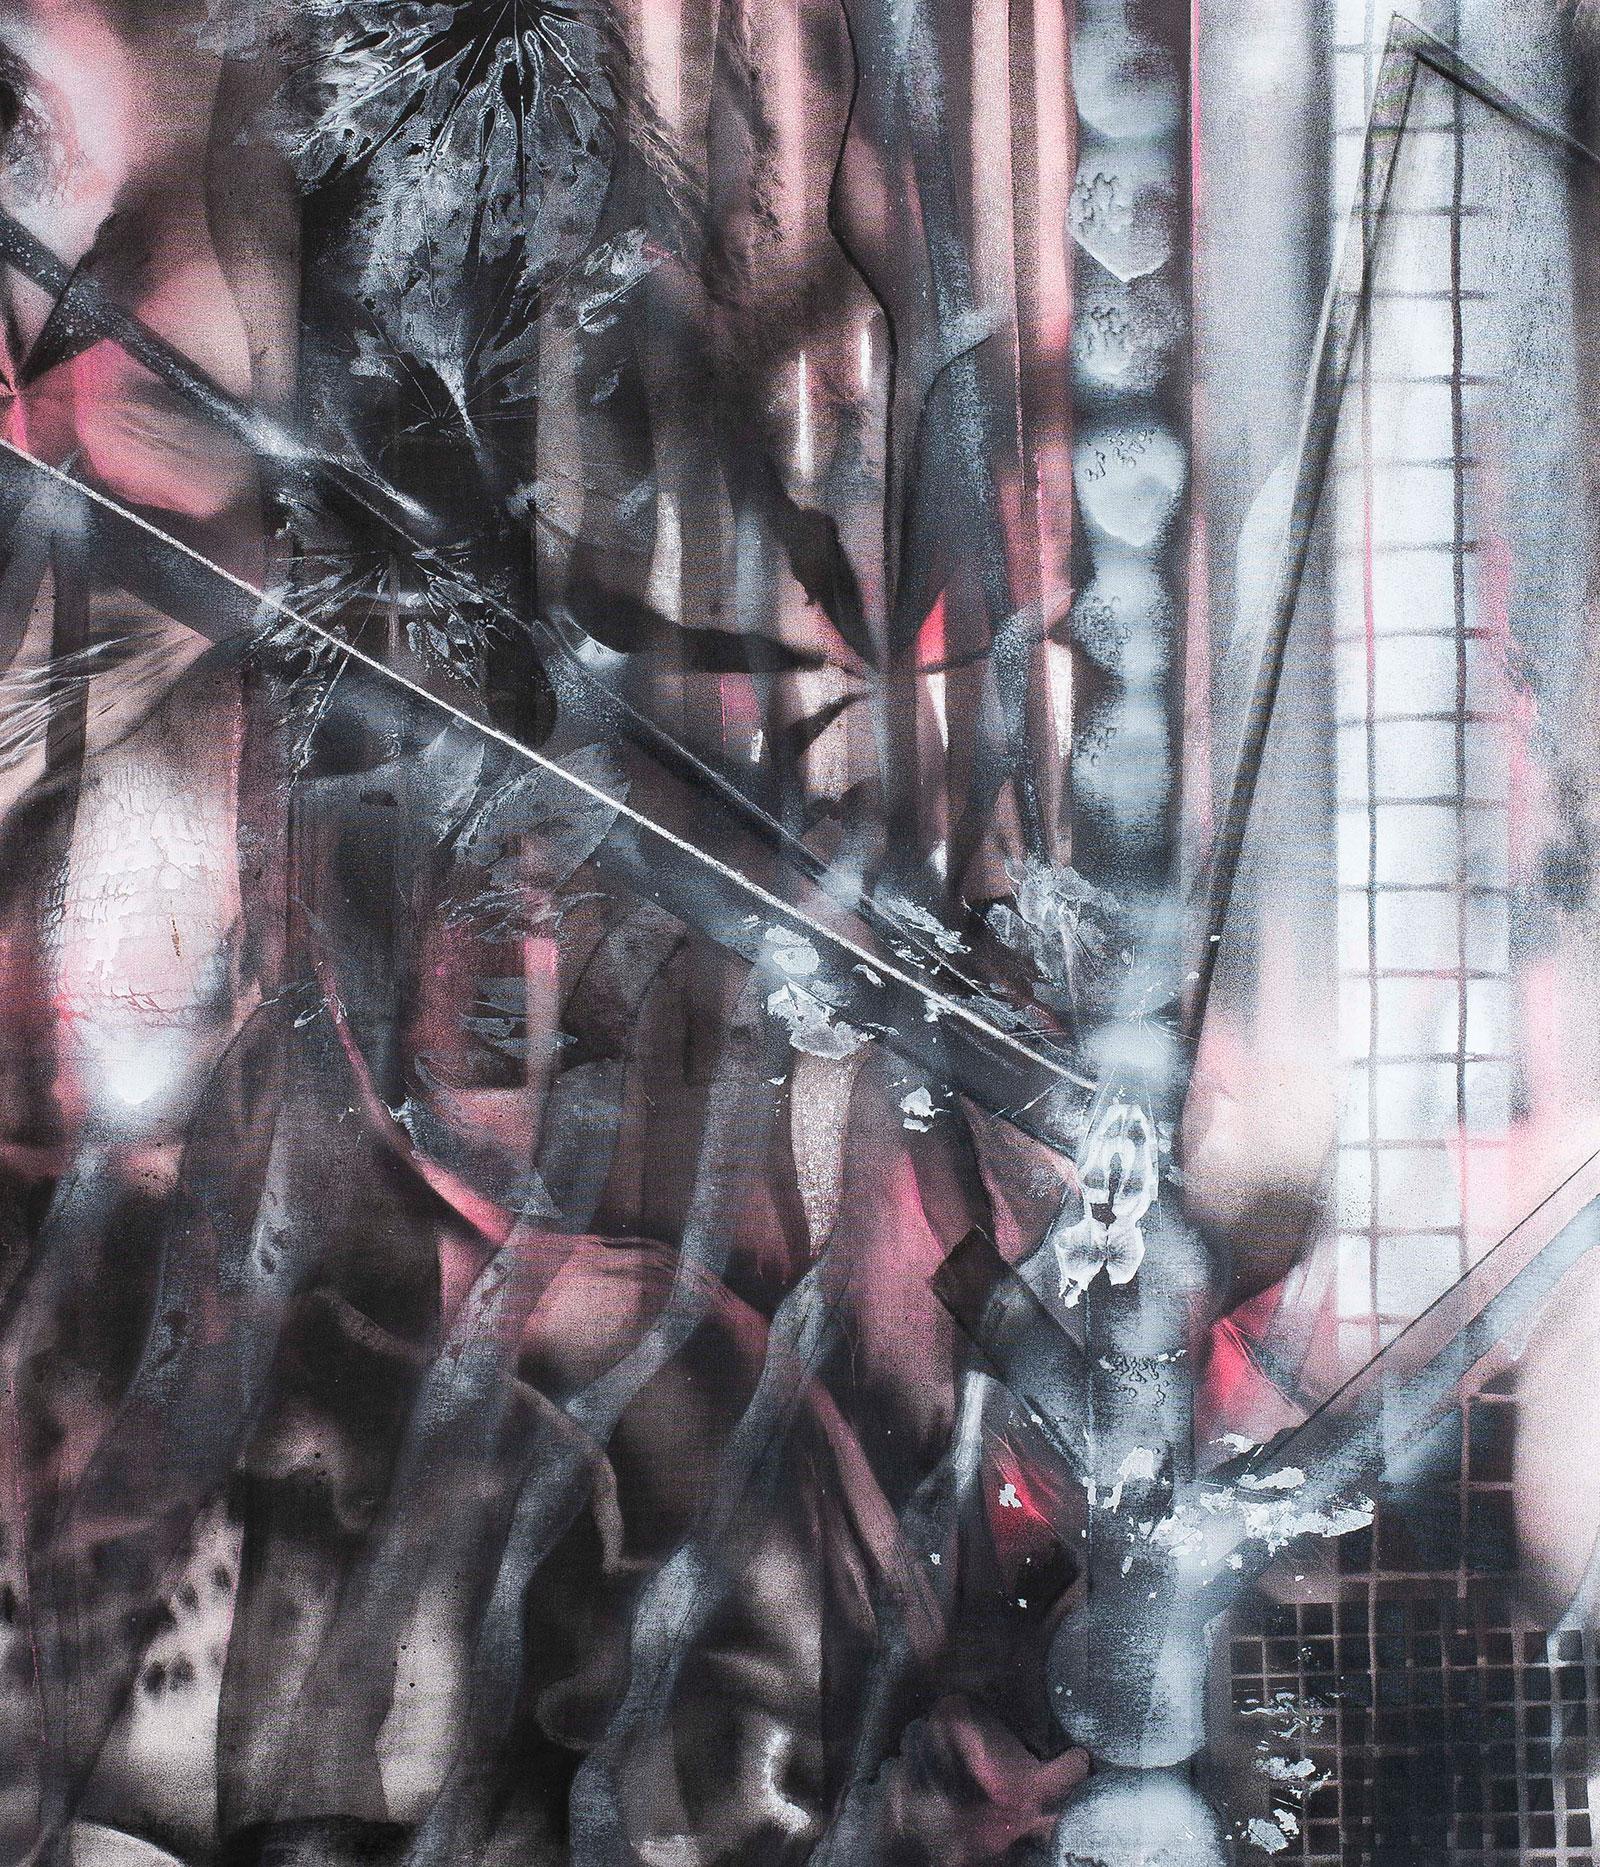 Jungle | Acryl spray, krijt en houtskool op rolgordijn, 80 x 94